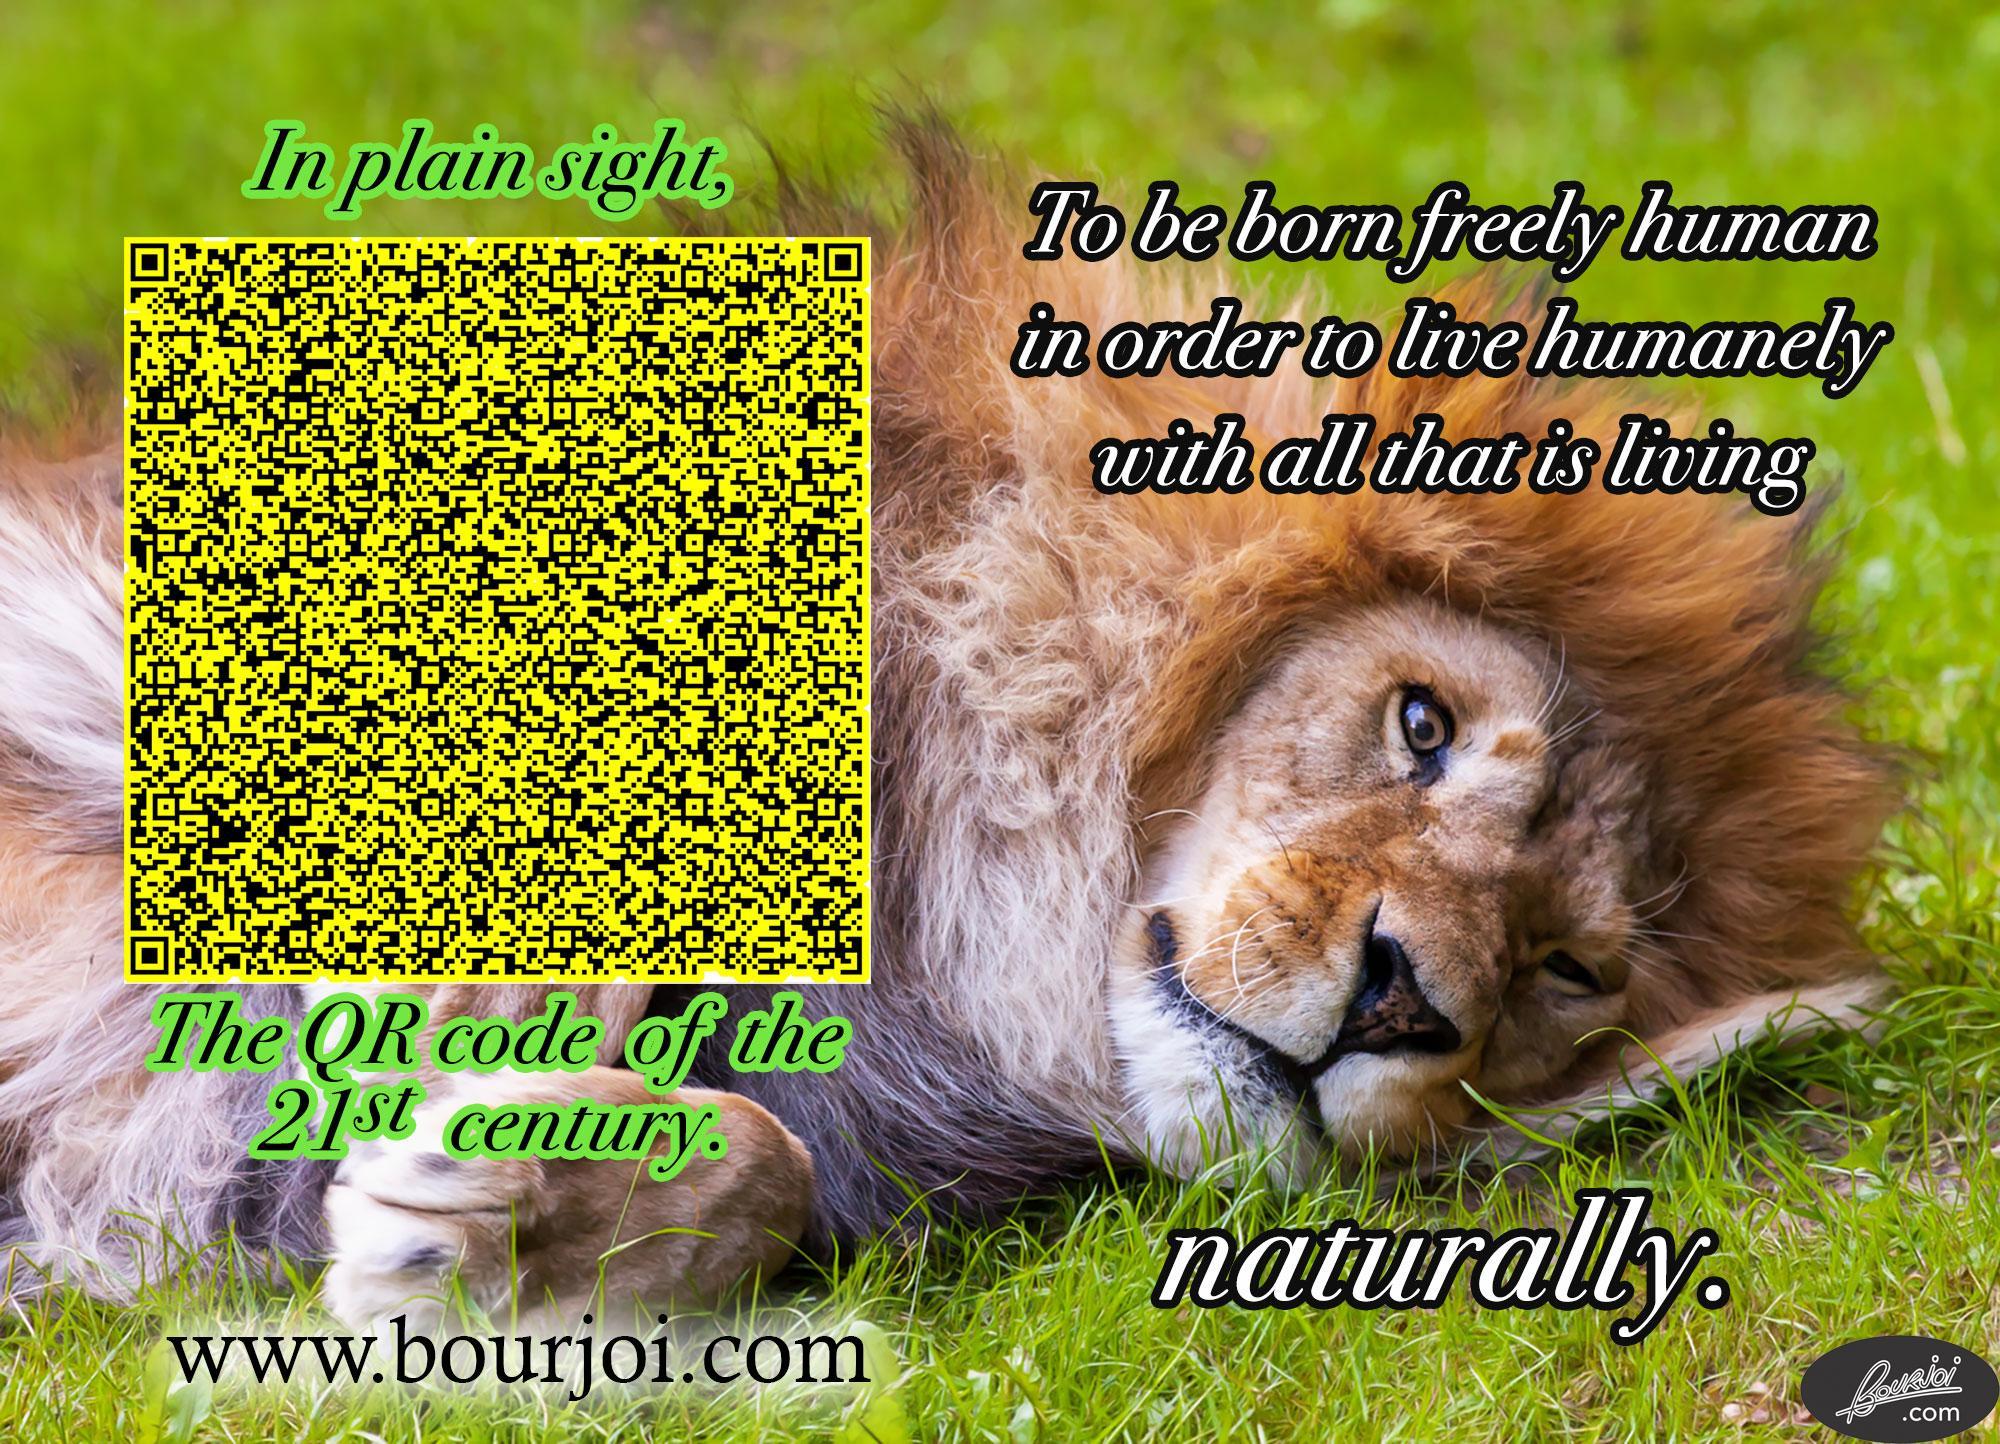 lionweb_en